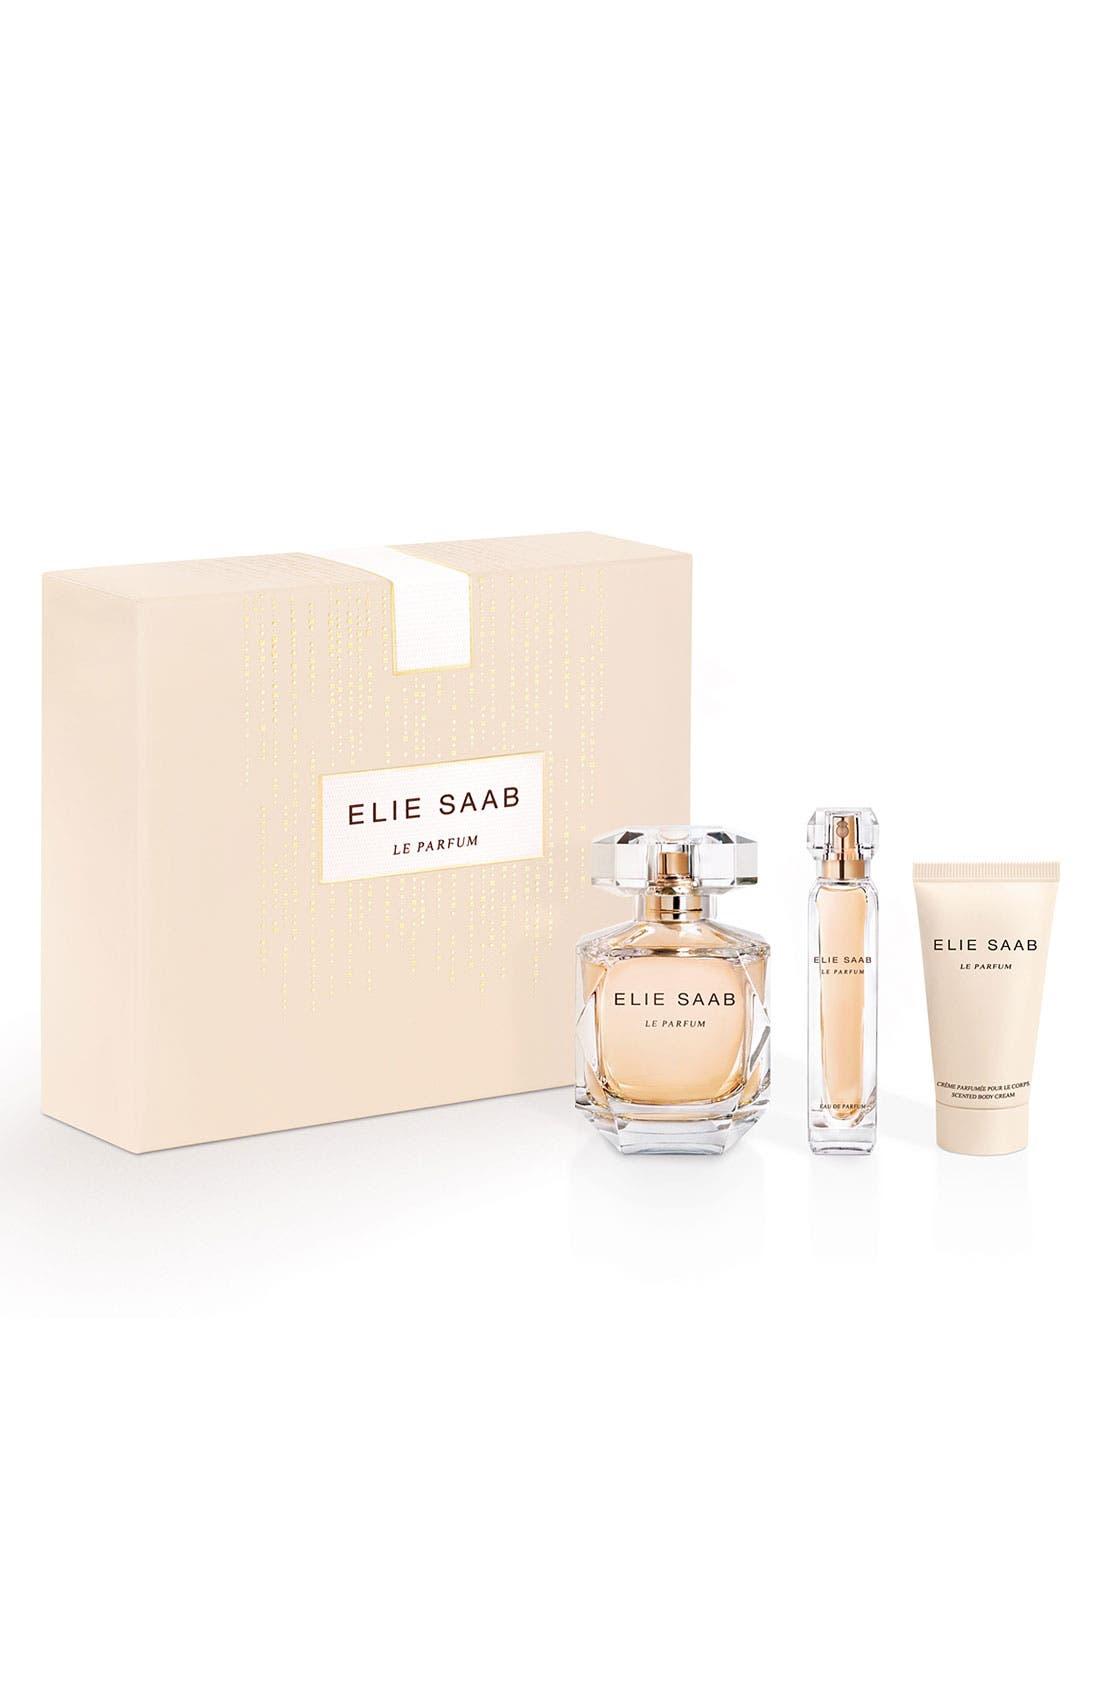 'Le Parfum' Eau de Parfum Gift Set,                             Main thumbnail 1, color,                             000